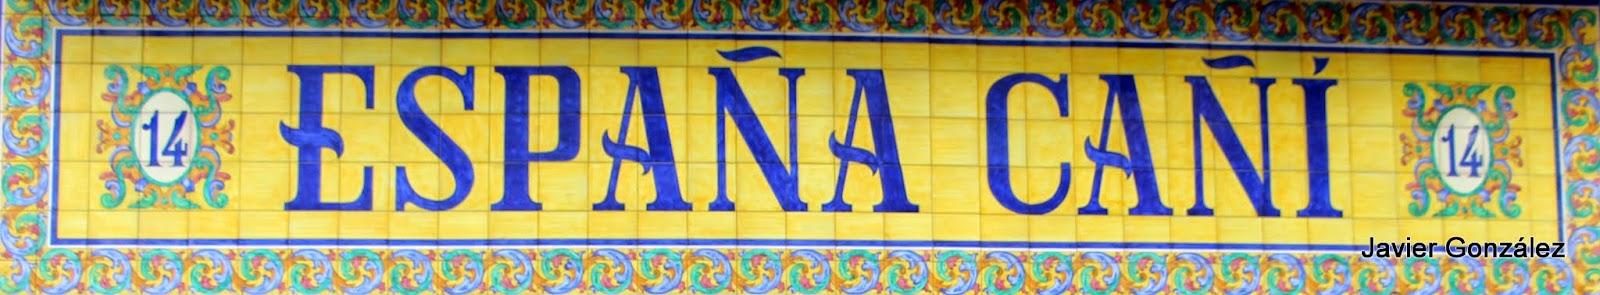 """Cuadro """"Cante Hondo"""", Plaza del Ángel, 14, ambiente taurino, azulejos, Julio Romero de Torres"""